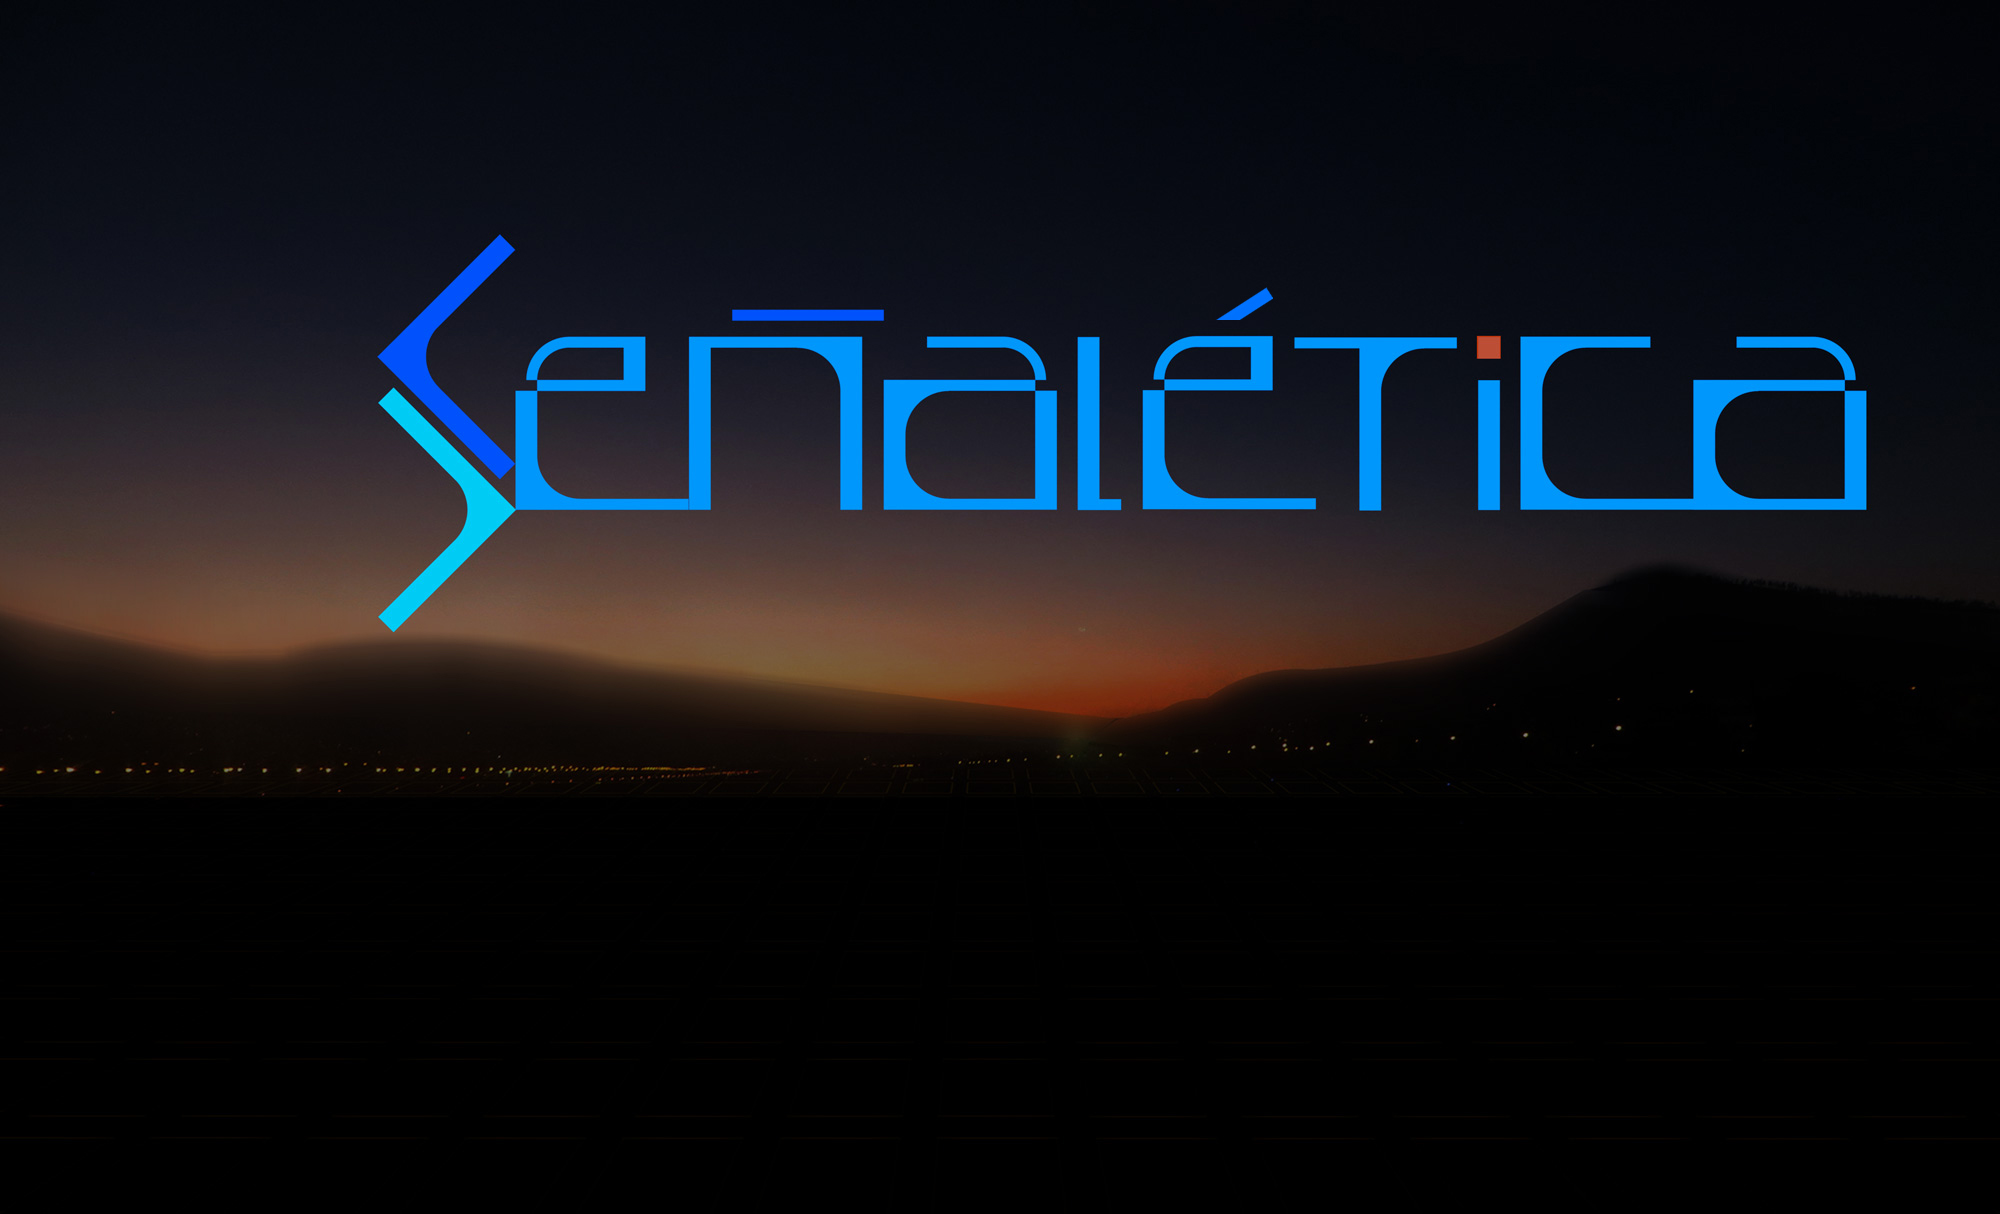 señaletica_0012